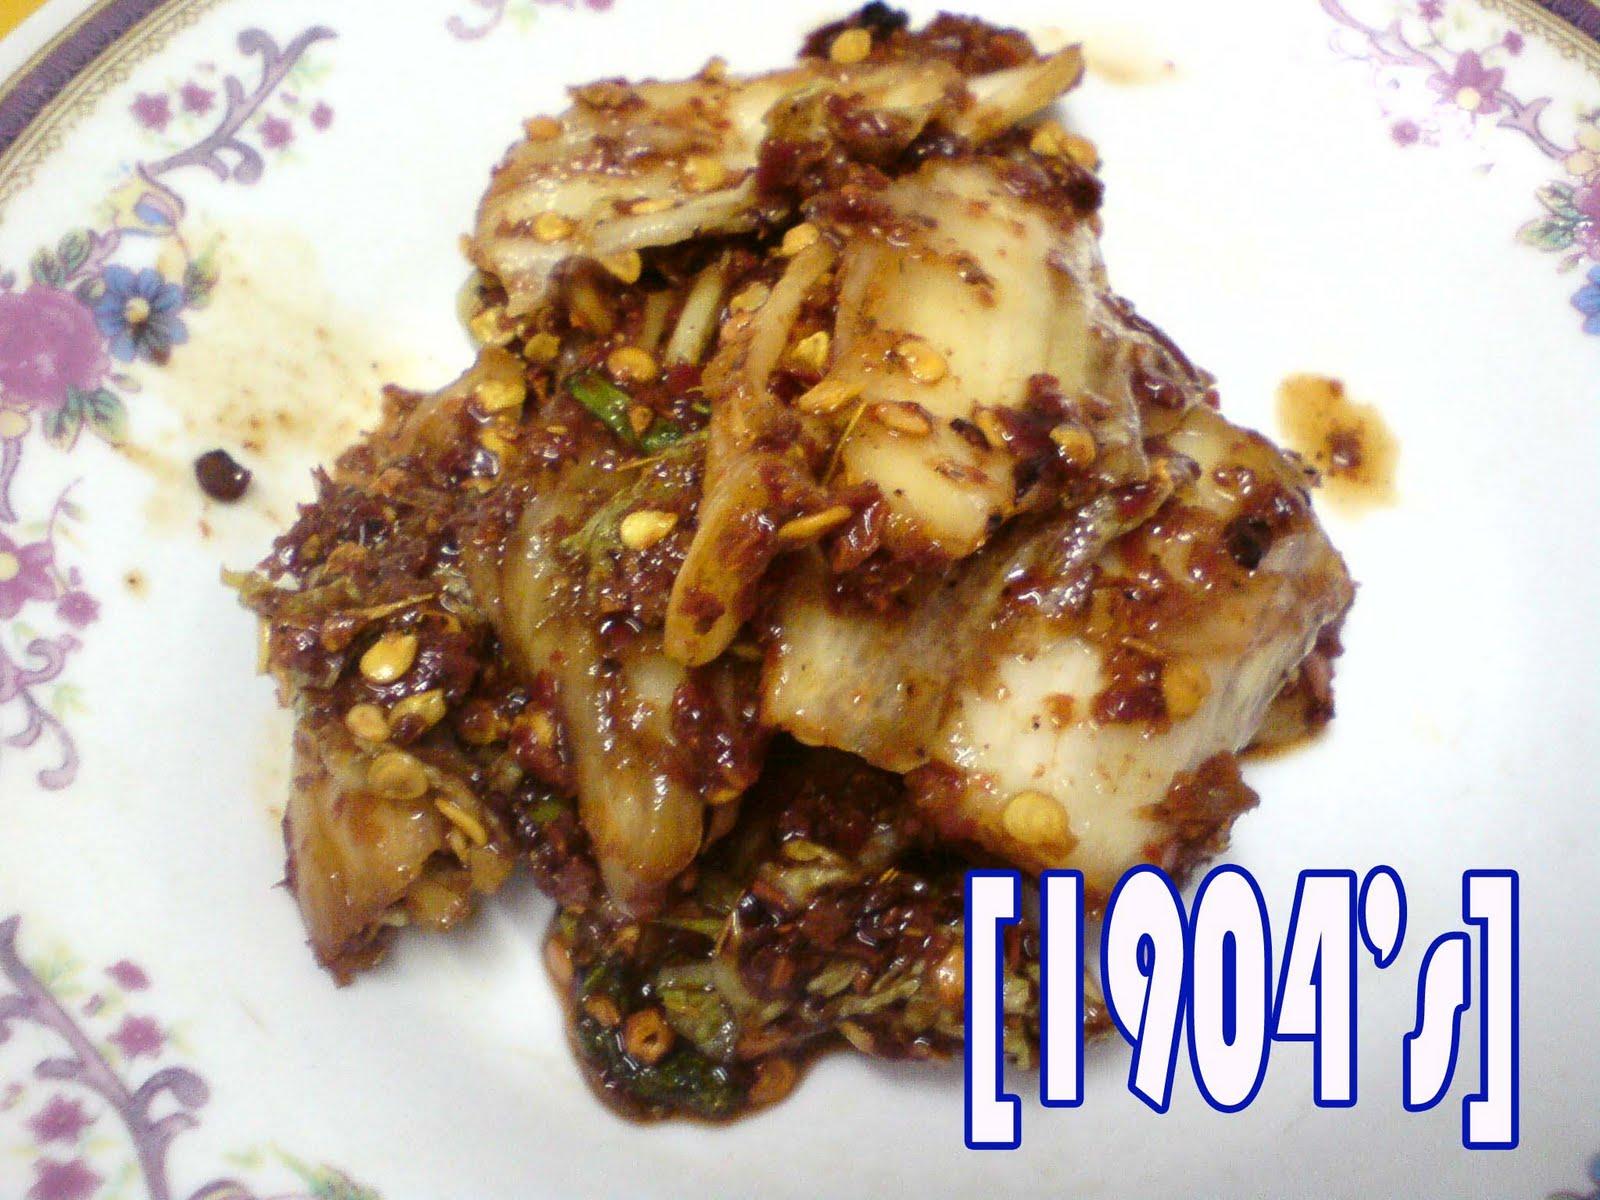 siap dried seaweed standard parameters